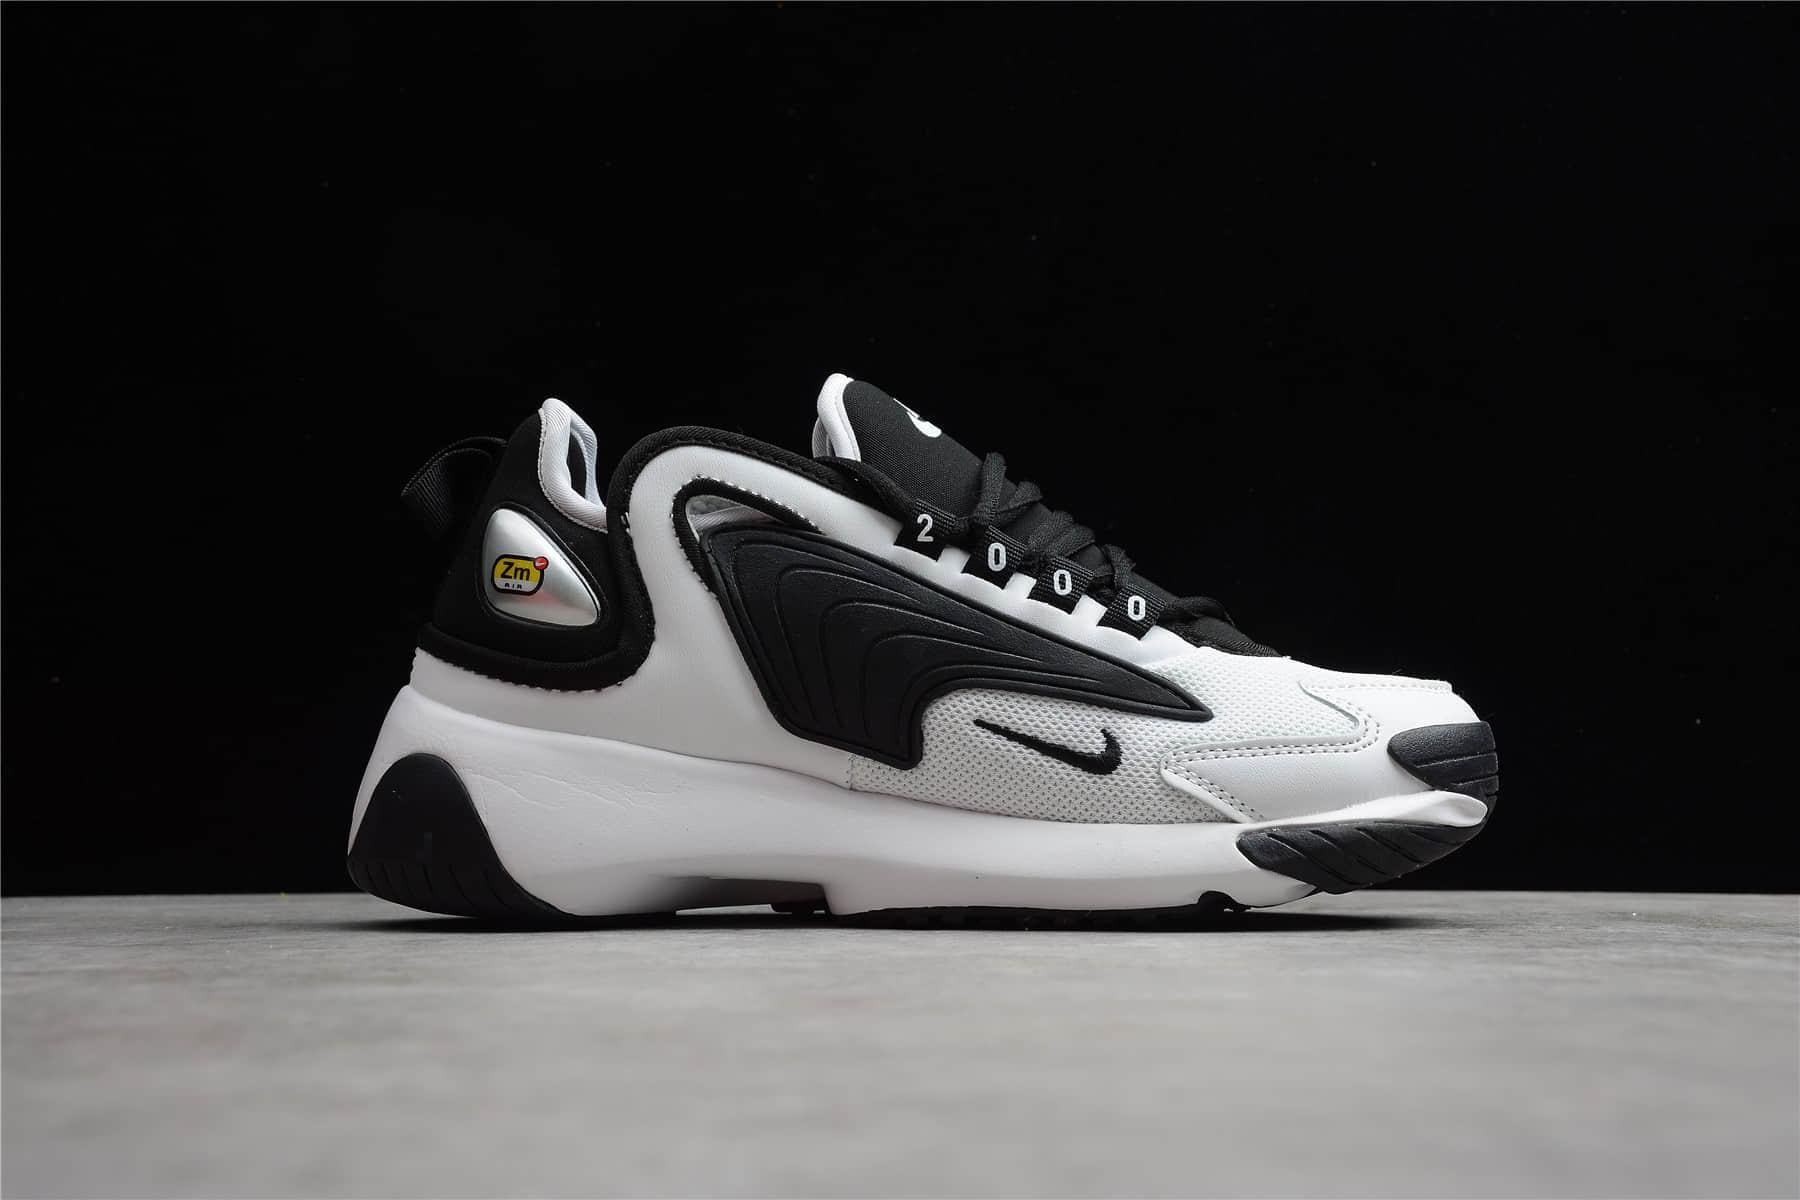 耐克2K黑白色跑鞋公司级版本 NIKE ZOOM 2K WMNS 耐克复古潮流老爹跑步运动鞋 货号:AO0354-100-潮流者之家